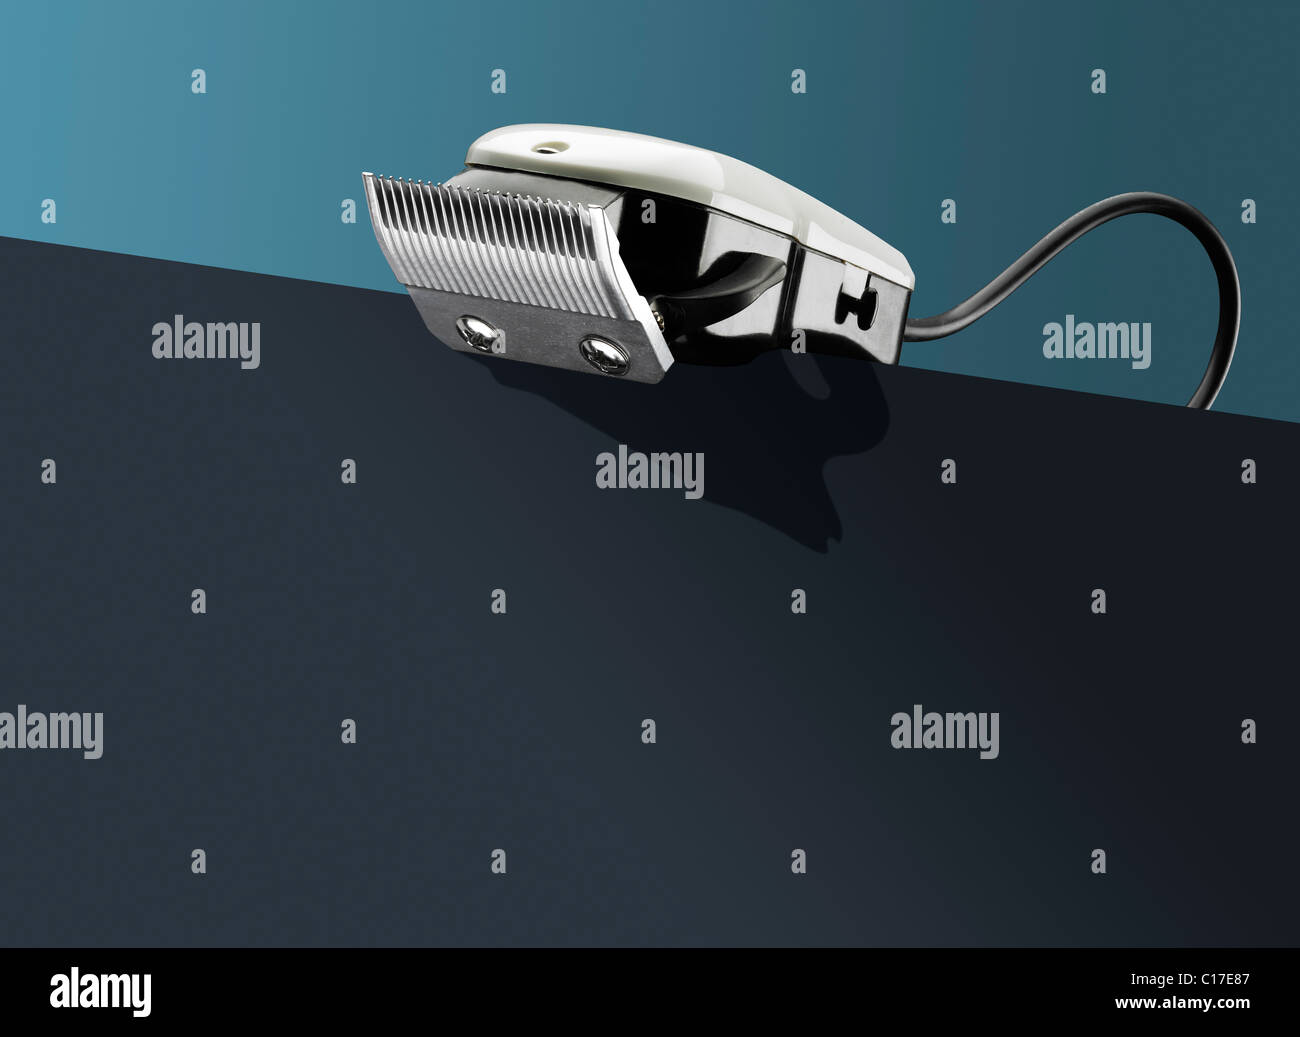 Tondeuses sur - conceptuelles Photo Stock